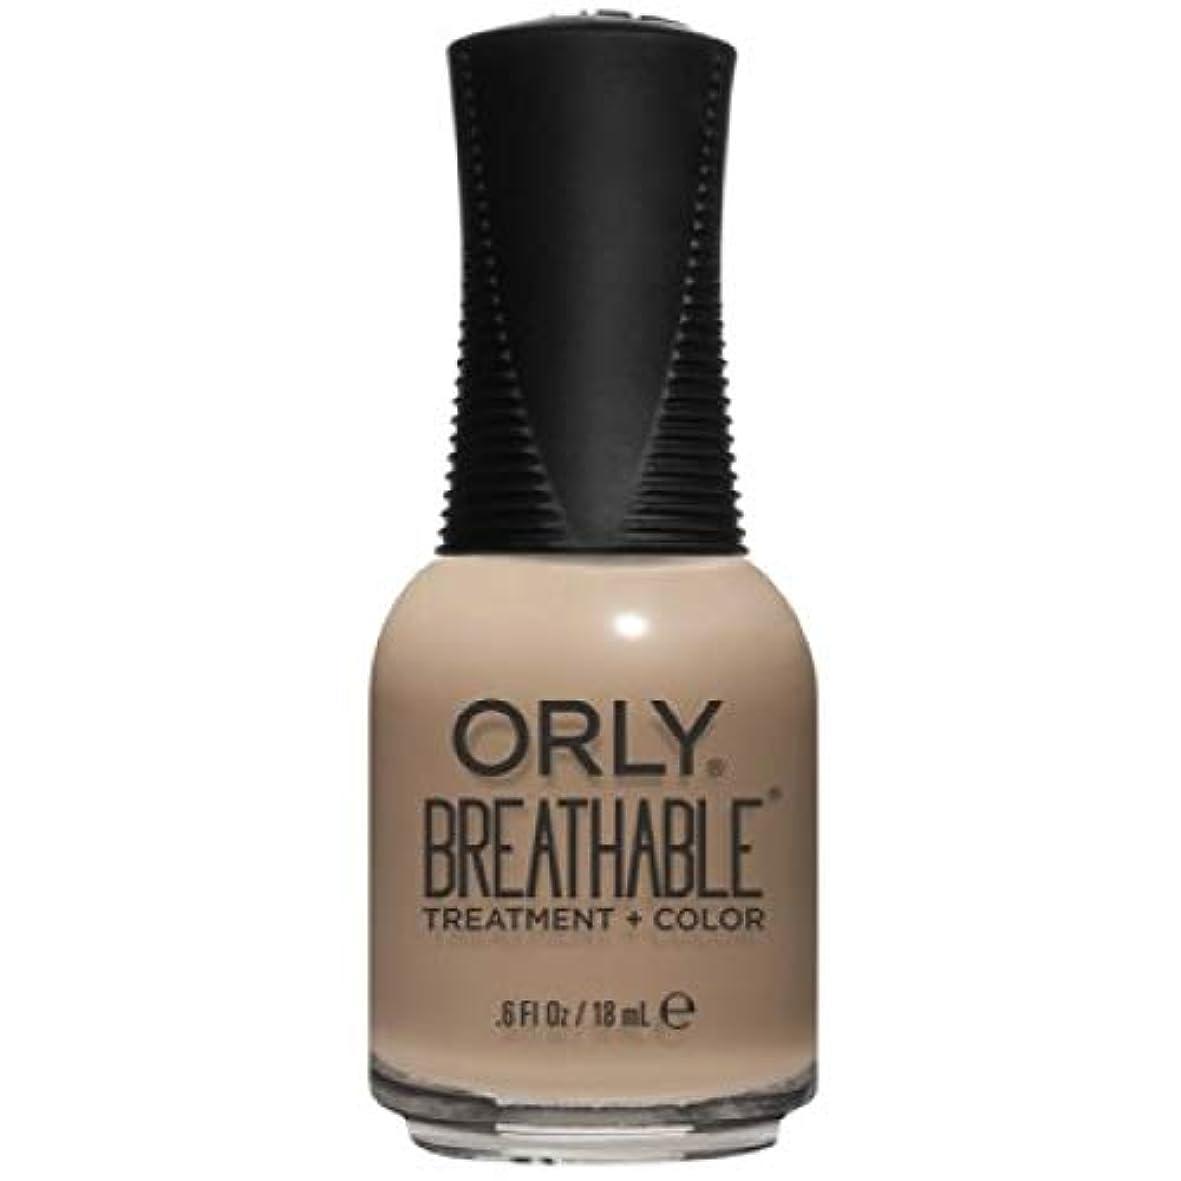 事実乳お勧めOrly Breathable Nail Lacquer - Treatment + Color - Bare Necessity - 0.6 oz / 18 mL